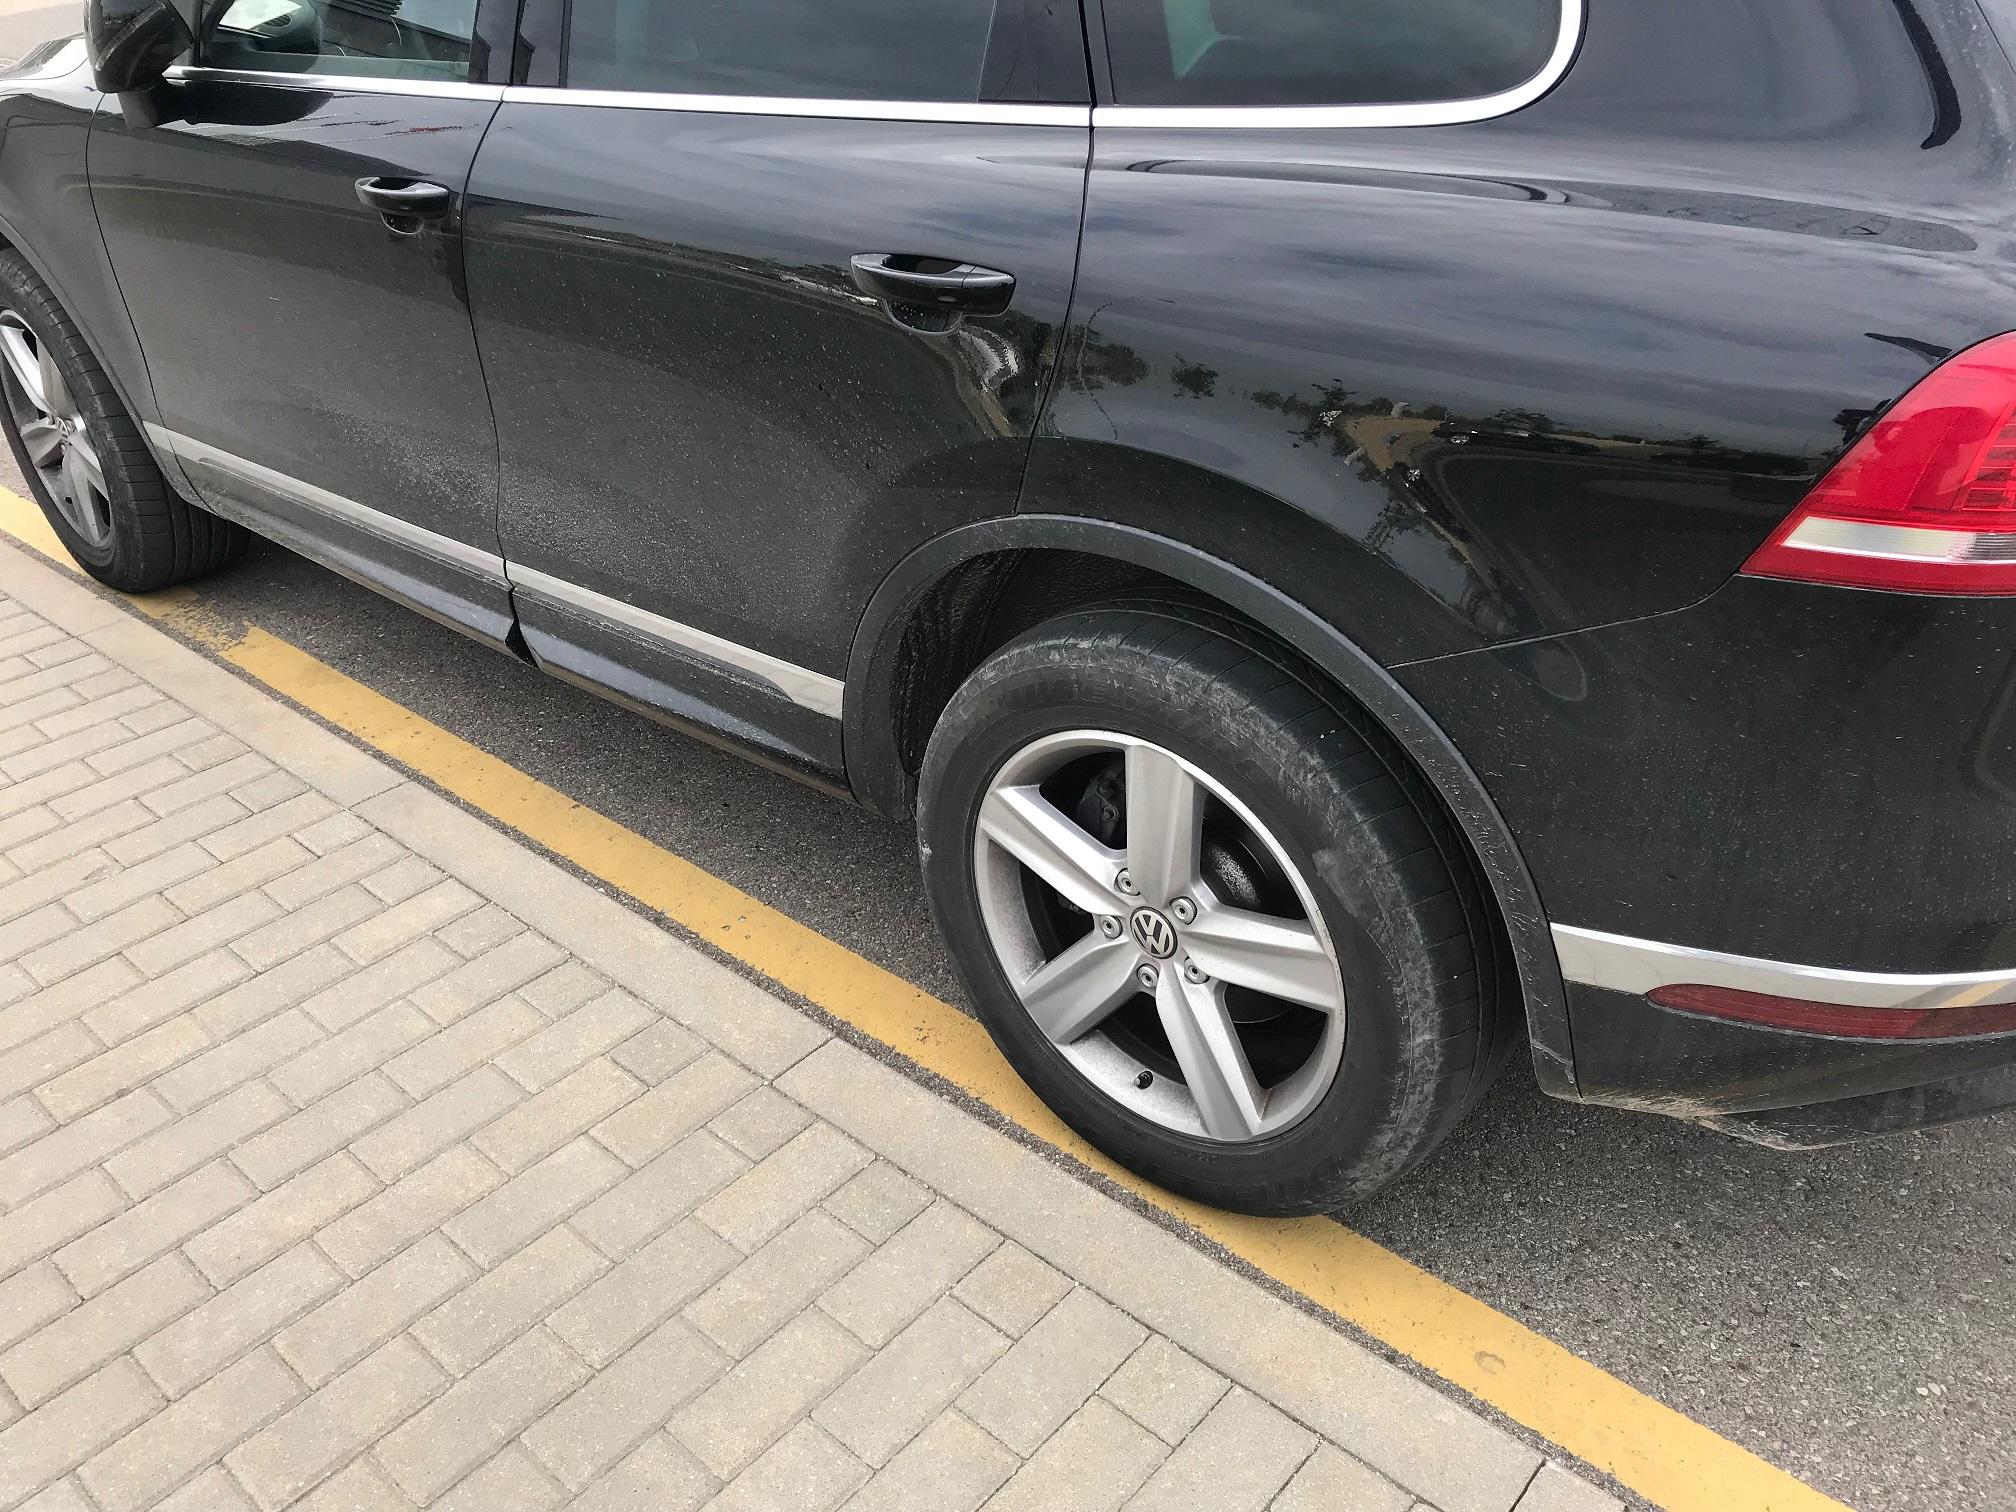 Geltonos linijos: galvos skausmas specialiosioms tarnyboms, o vairuotojams – nė motais